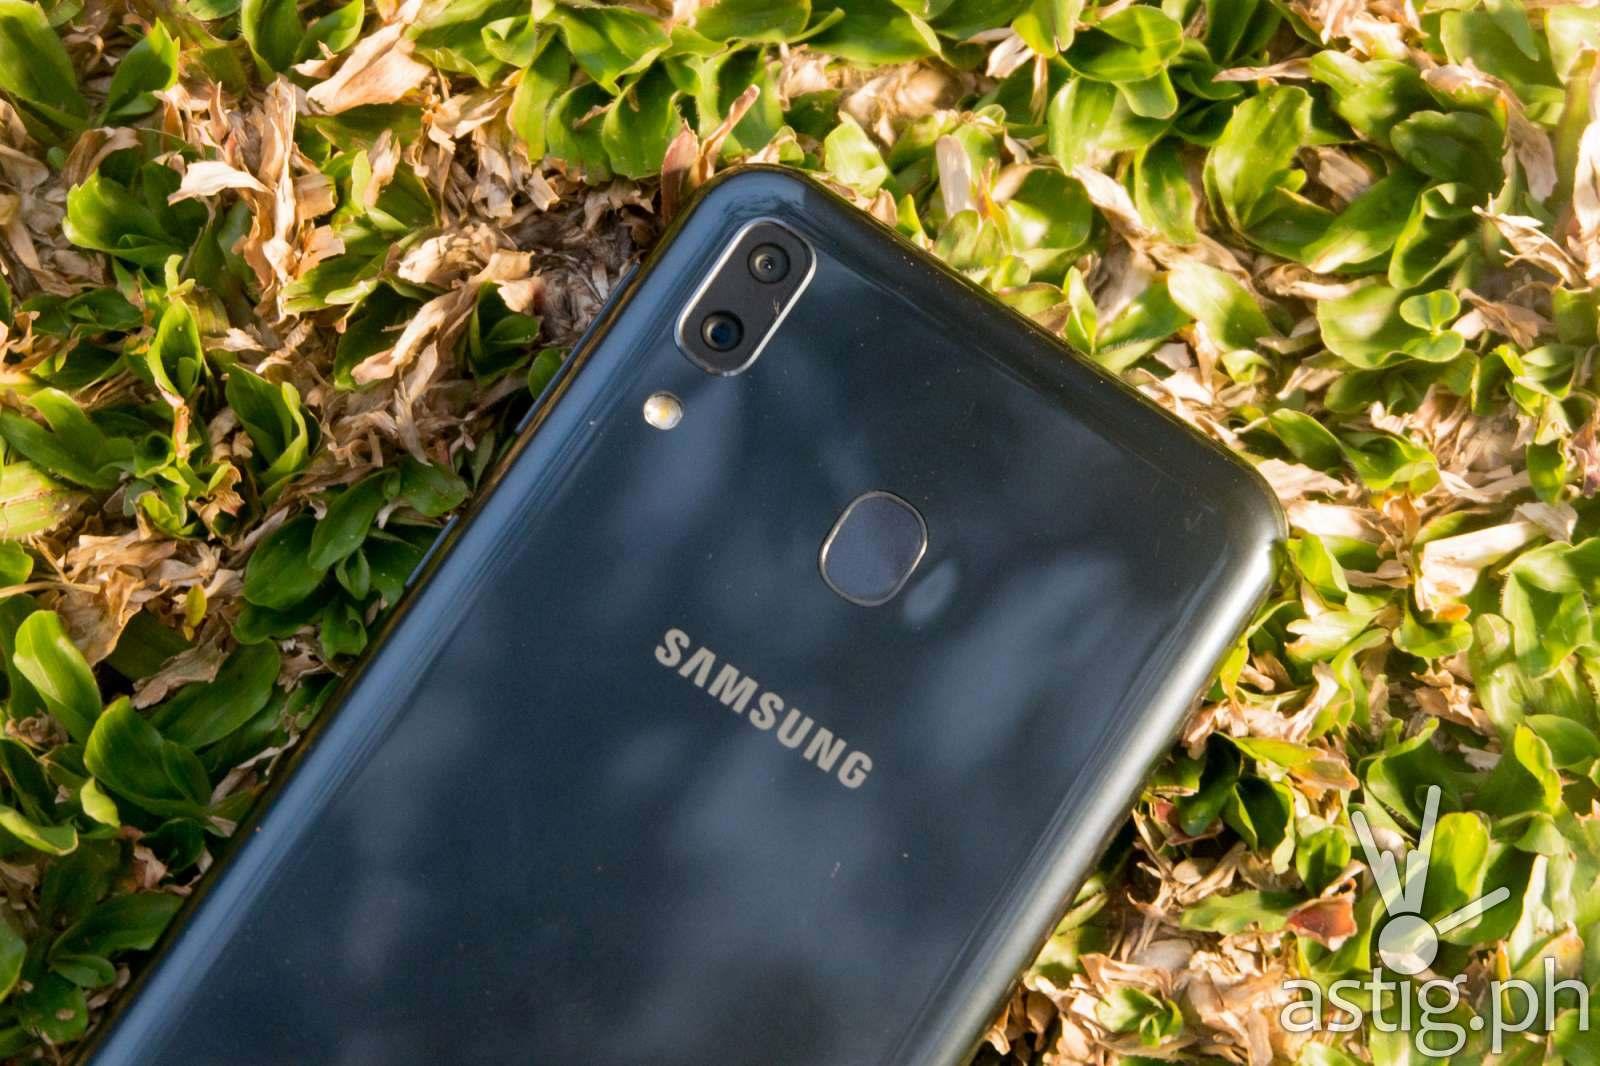 Samsung Galaxy M20 (Philippines)